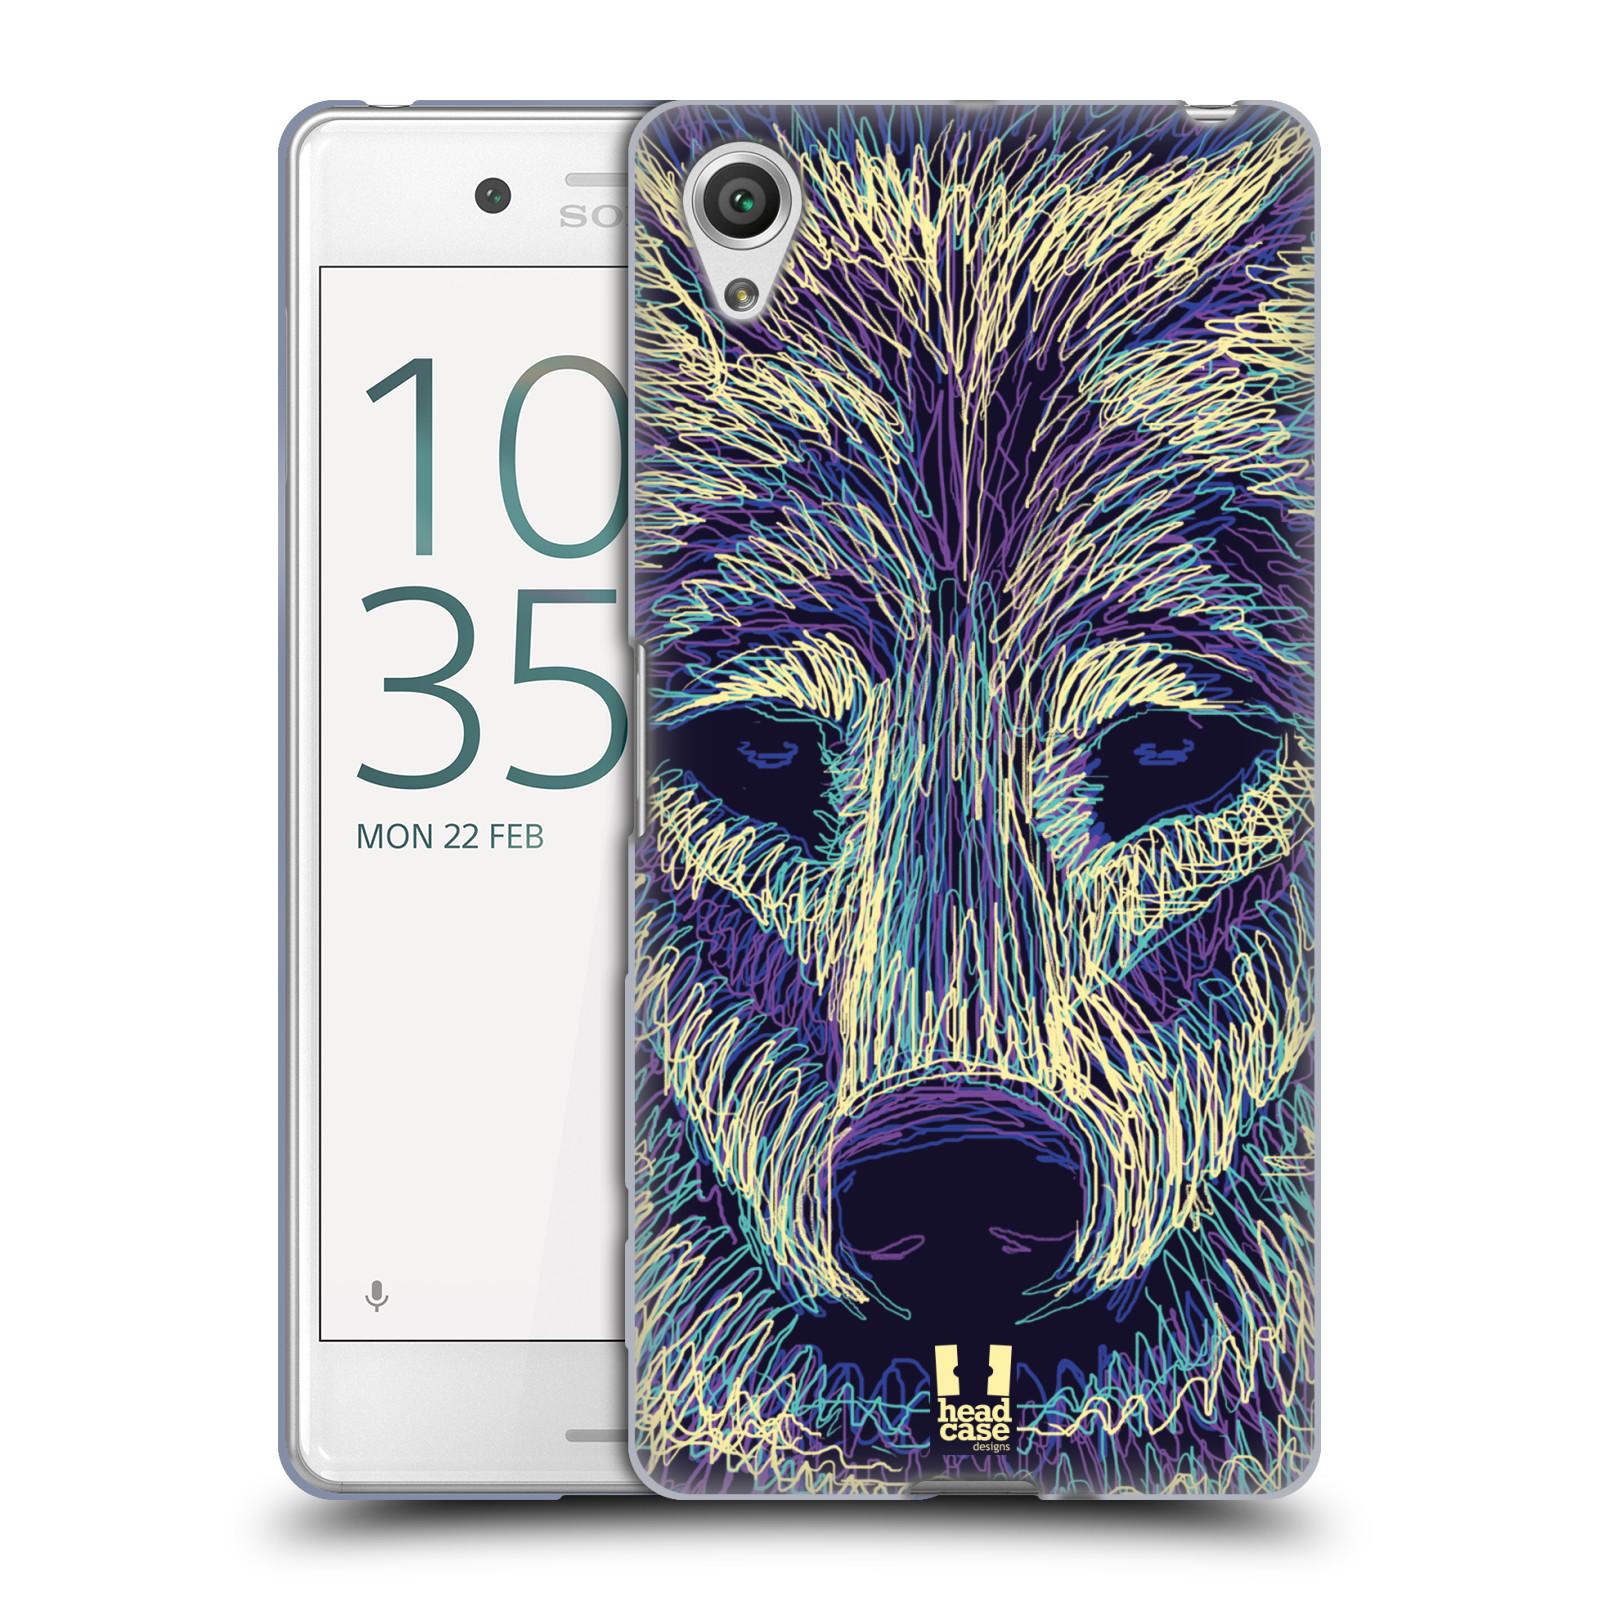 HEAD CASE silikonový obal na mobil Sony Xperia X PERFORMANCE (F8131, F8132) vzor zvíře čmáranice vlk